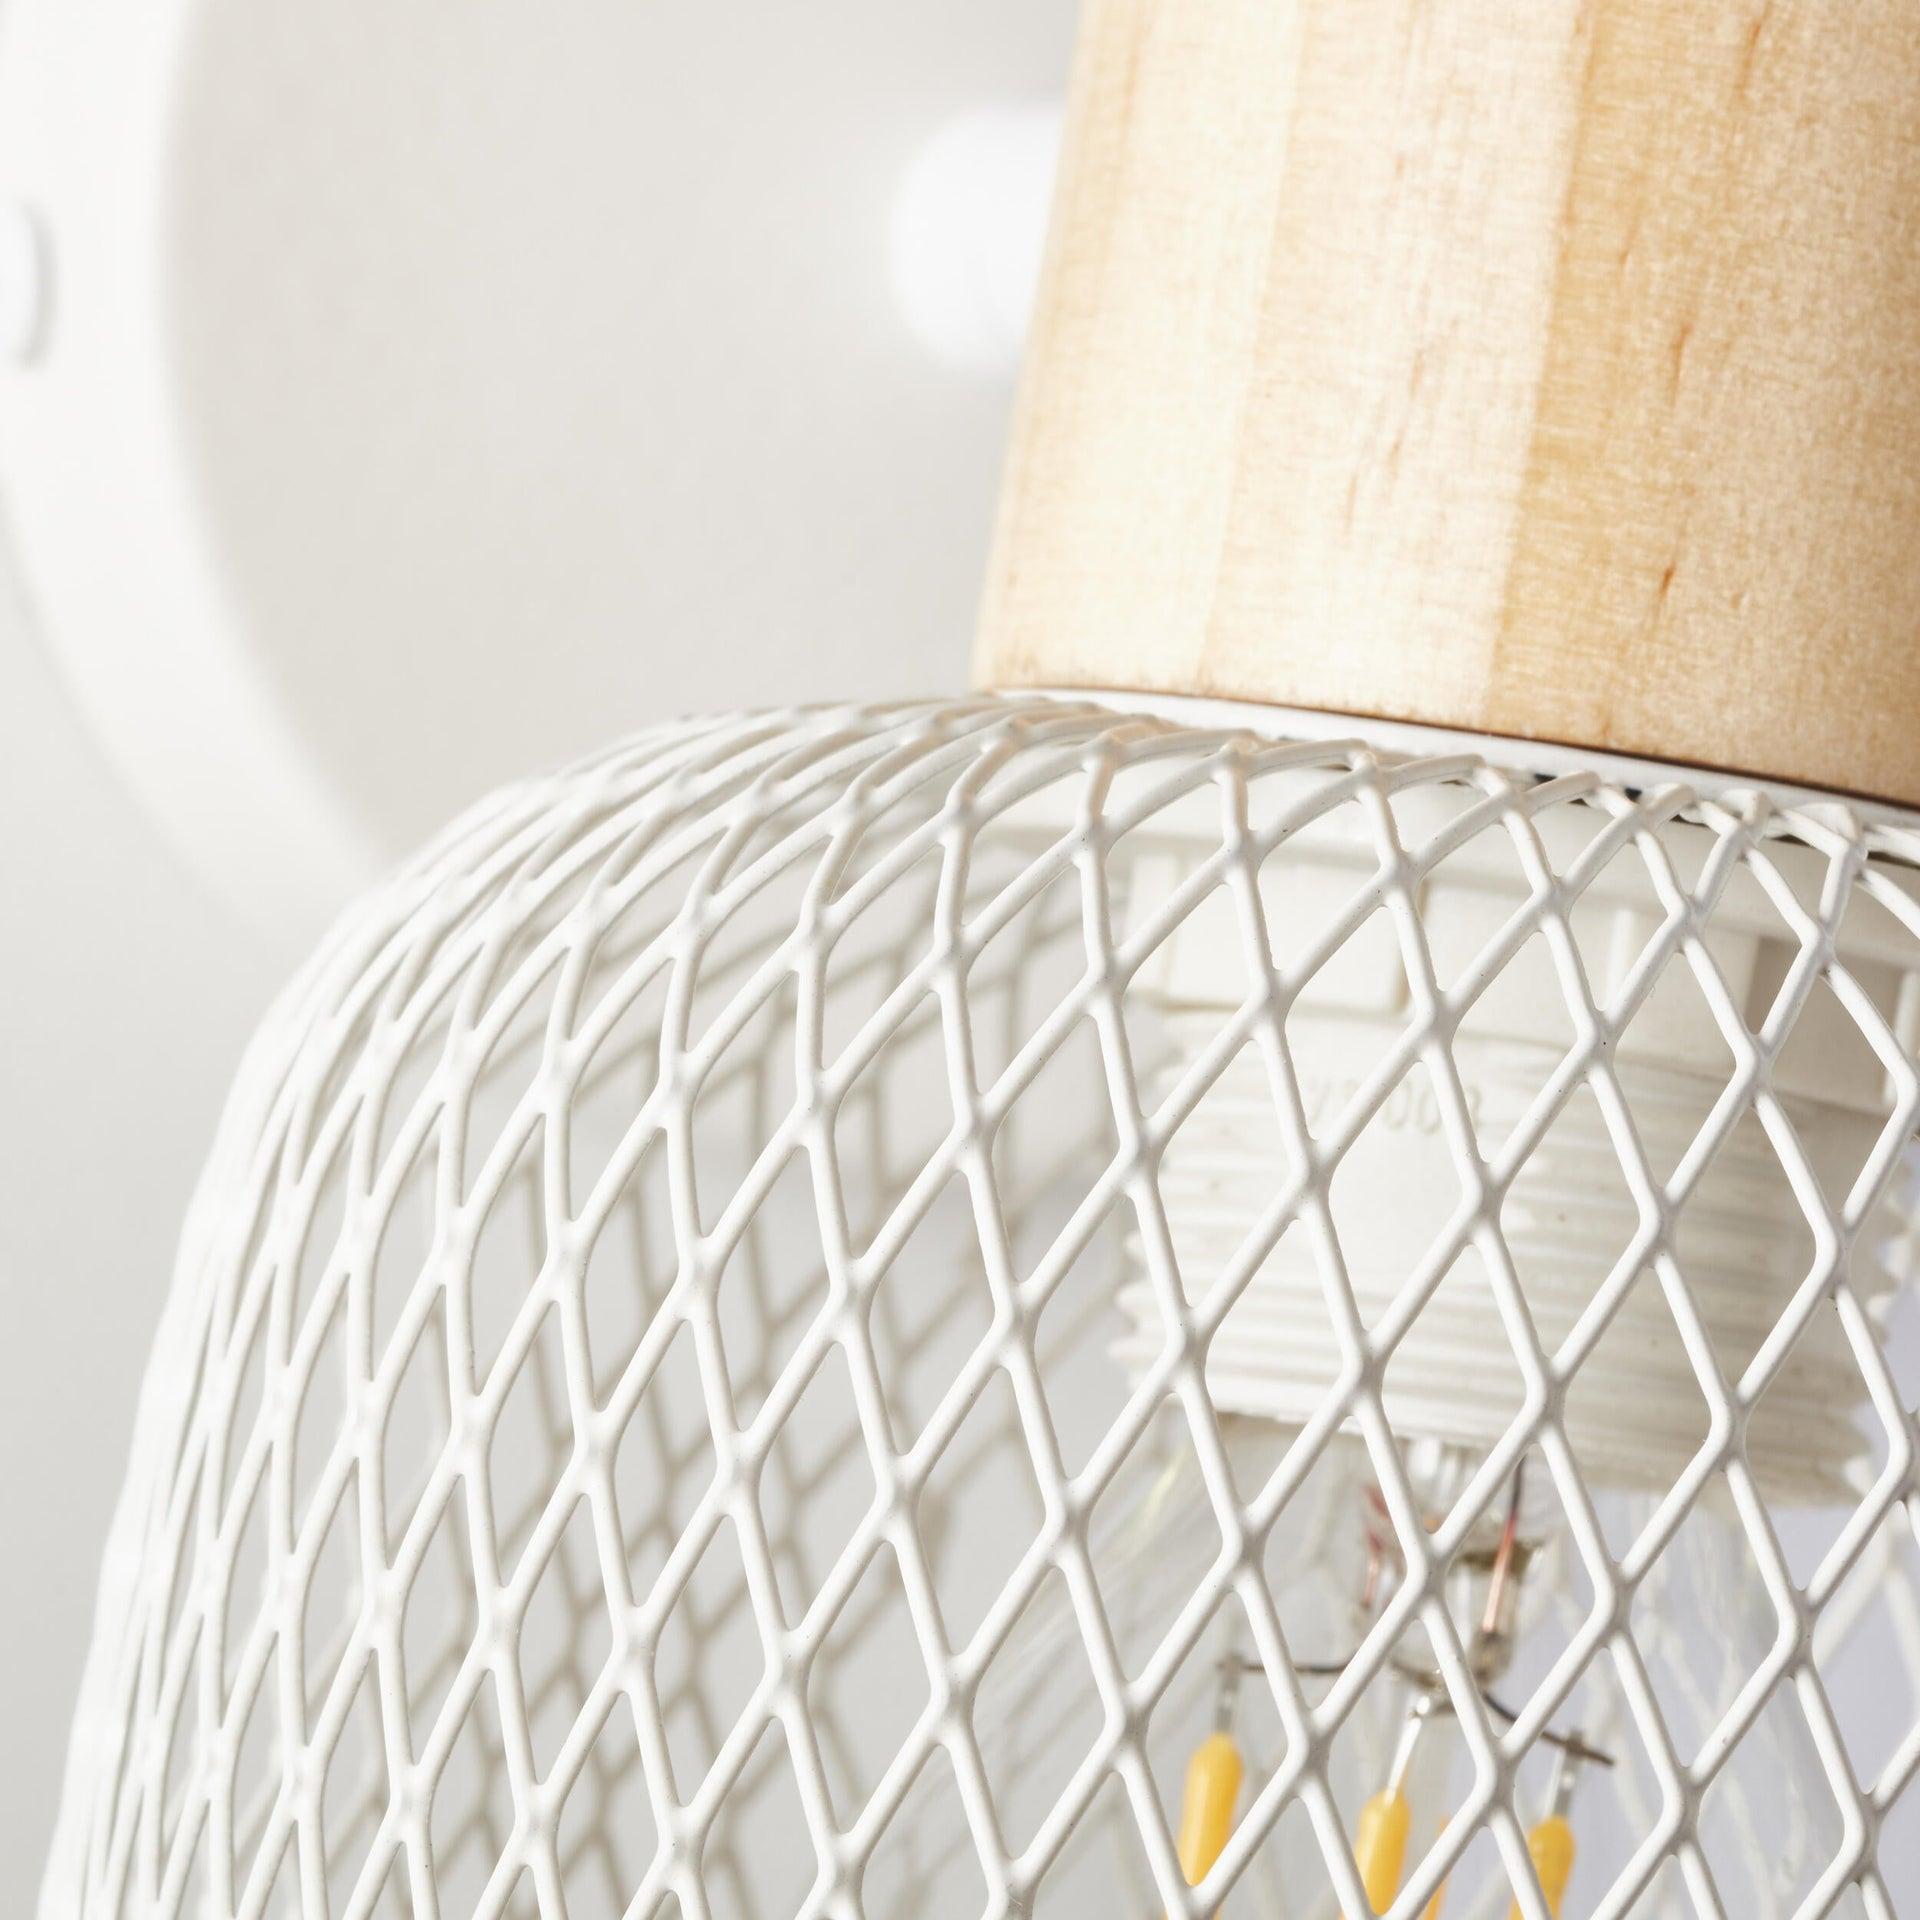 Faretto a muro Giada bianco e legno chiaro, in metallo, E14 25W IP20 BRILLIANT - 5